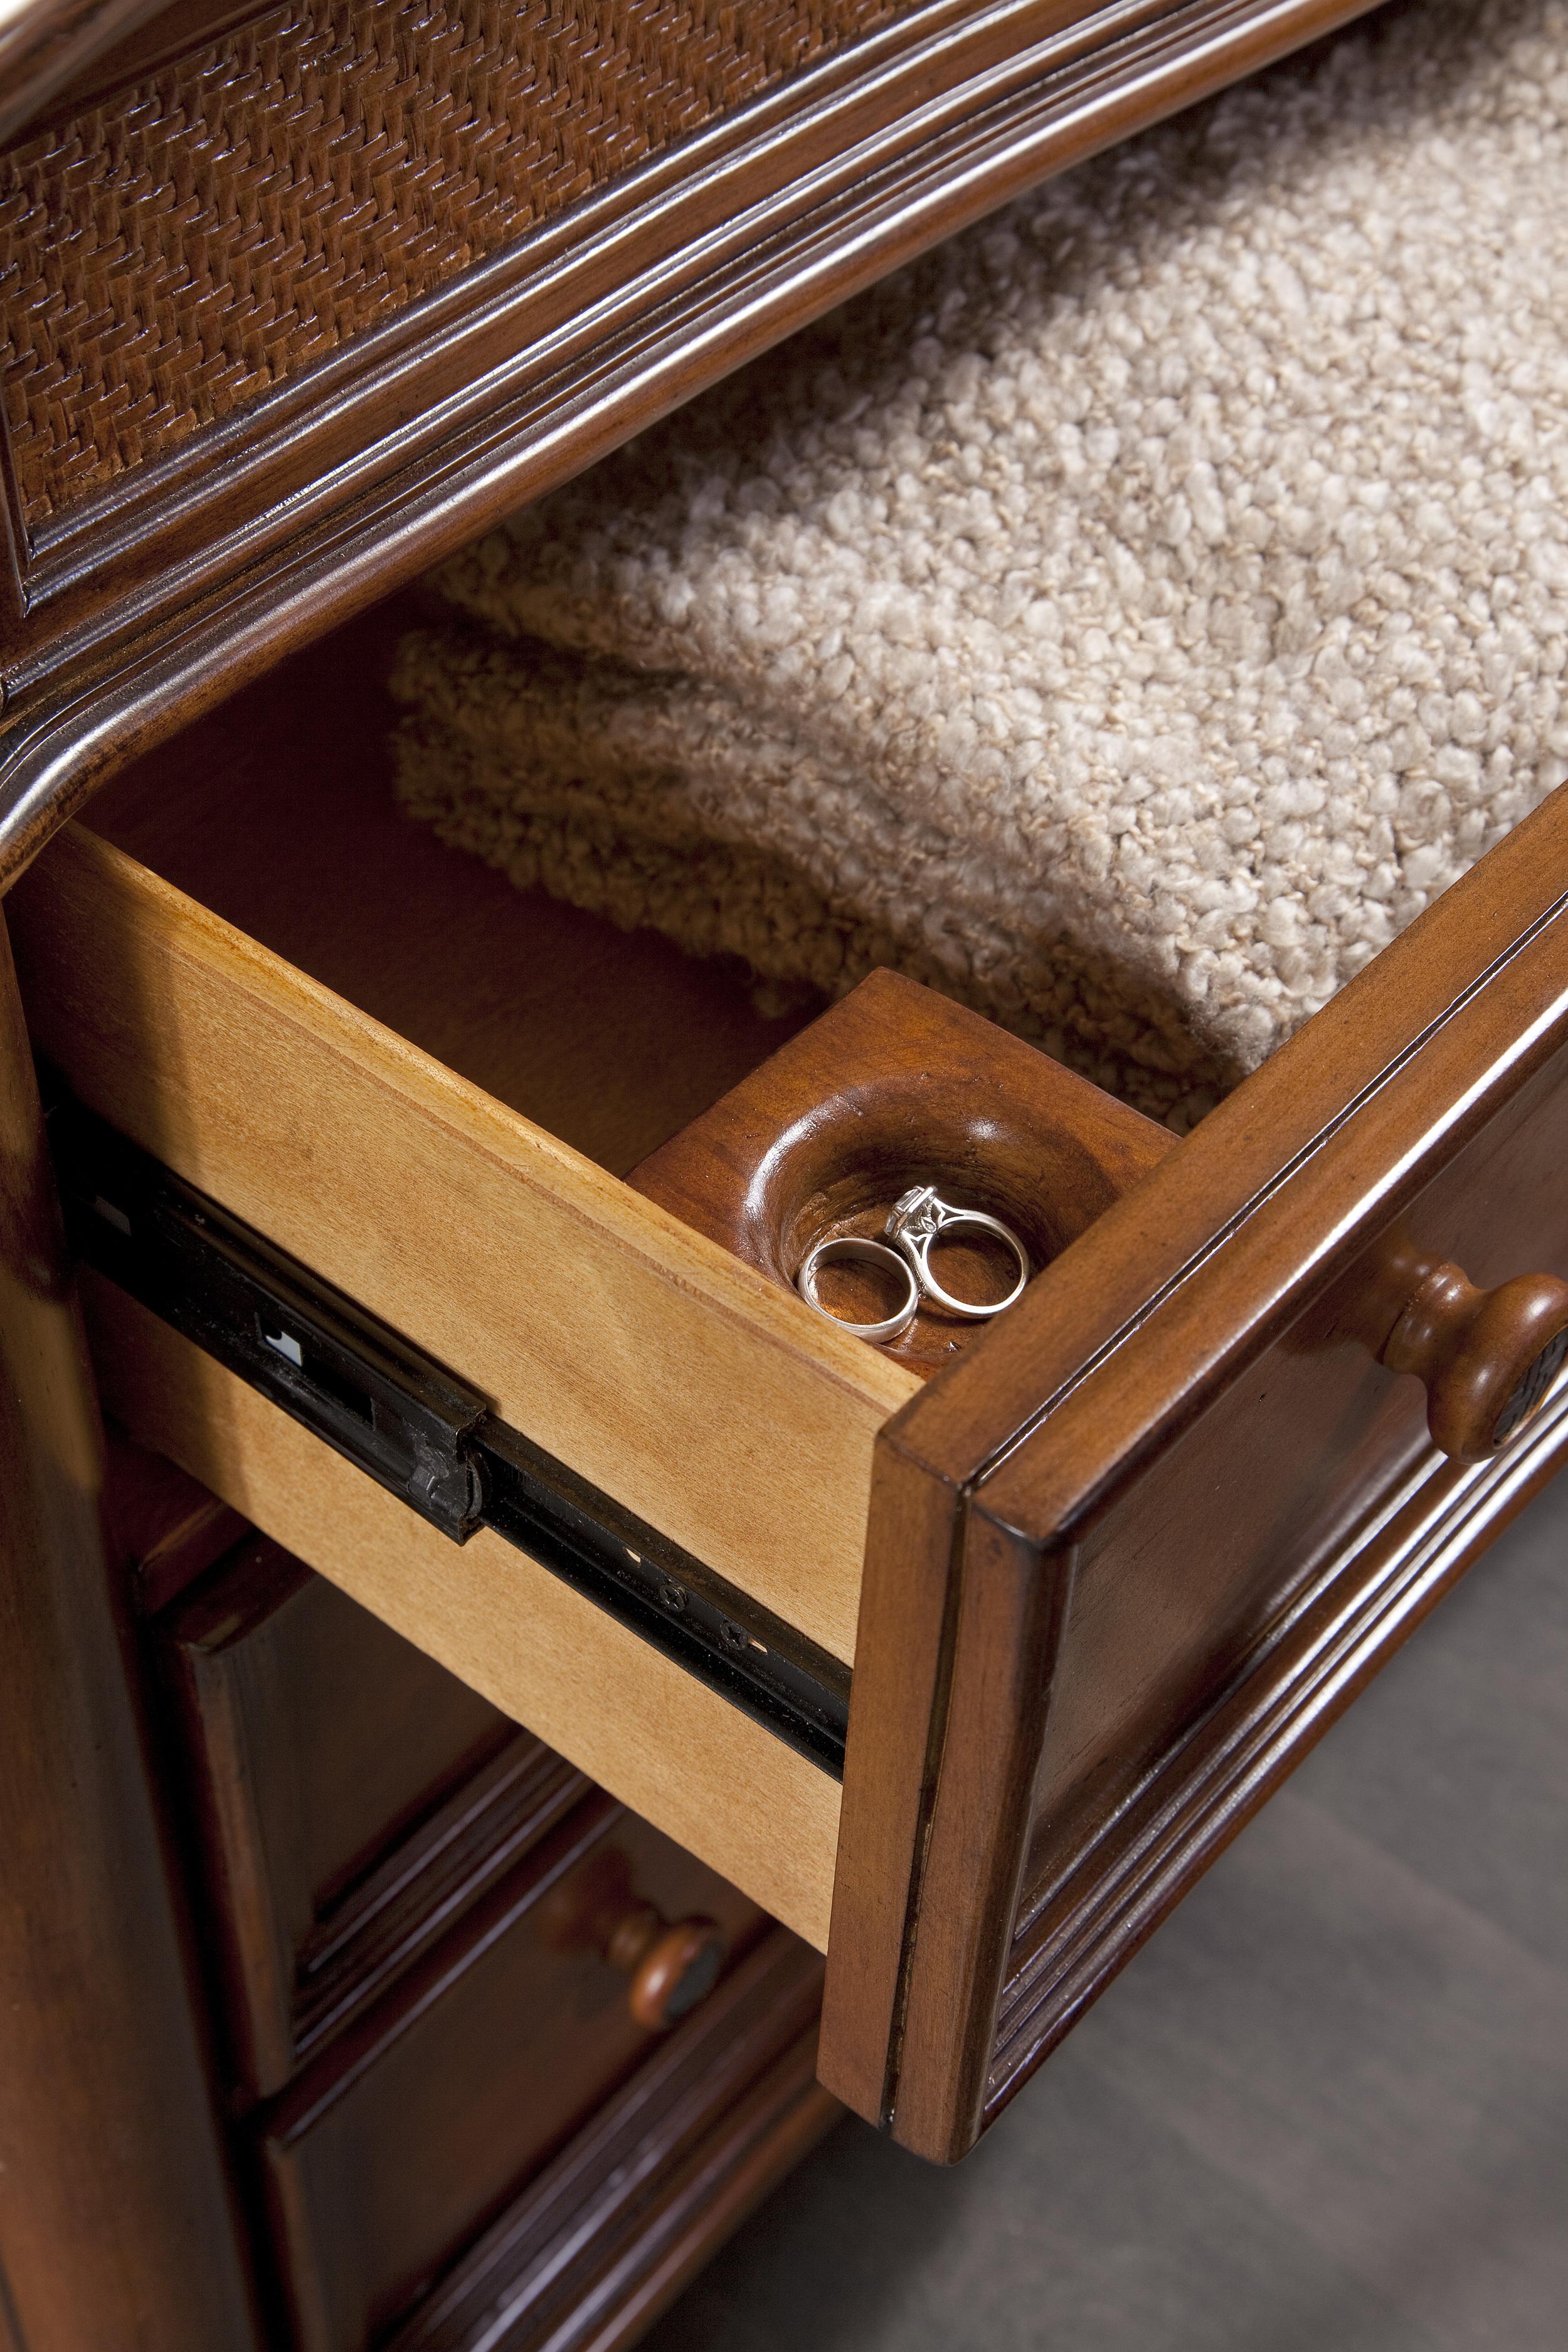 6000-280 Dresser_mirror Roller and detail of ring holder.jpg